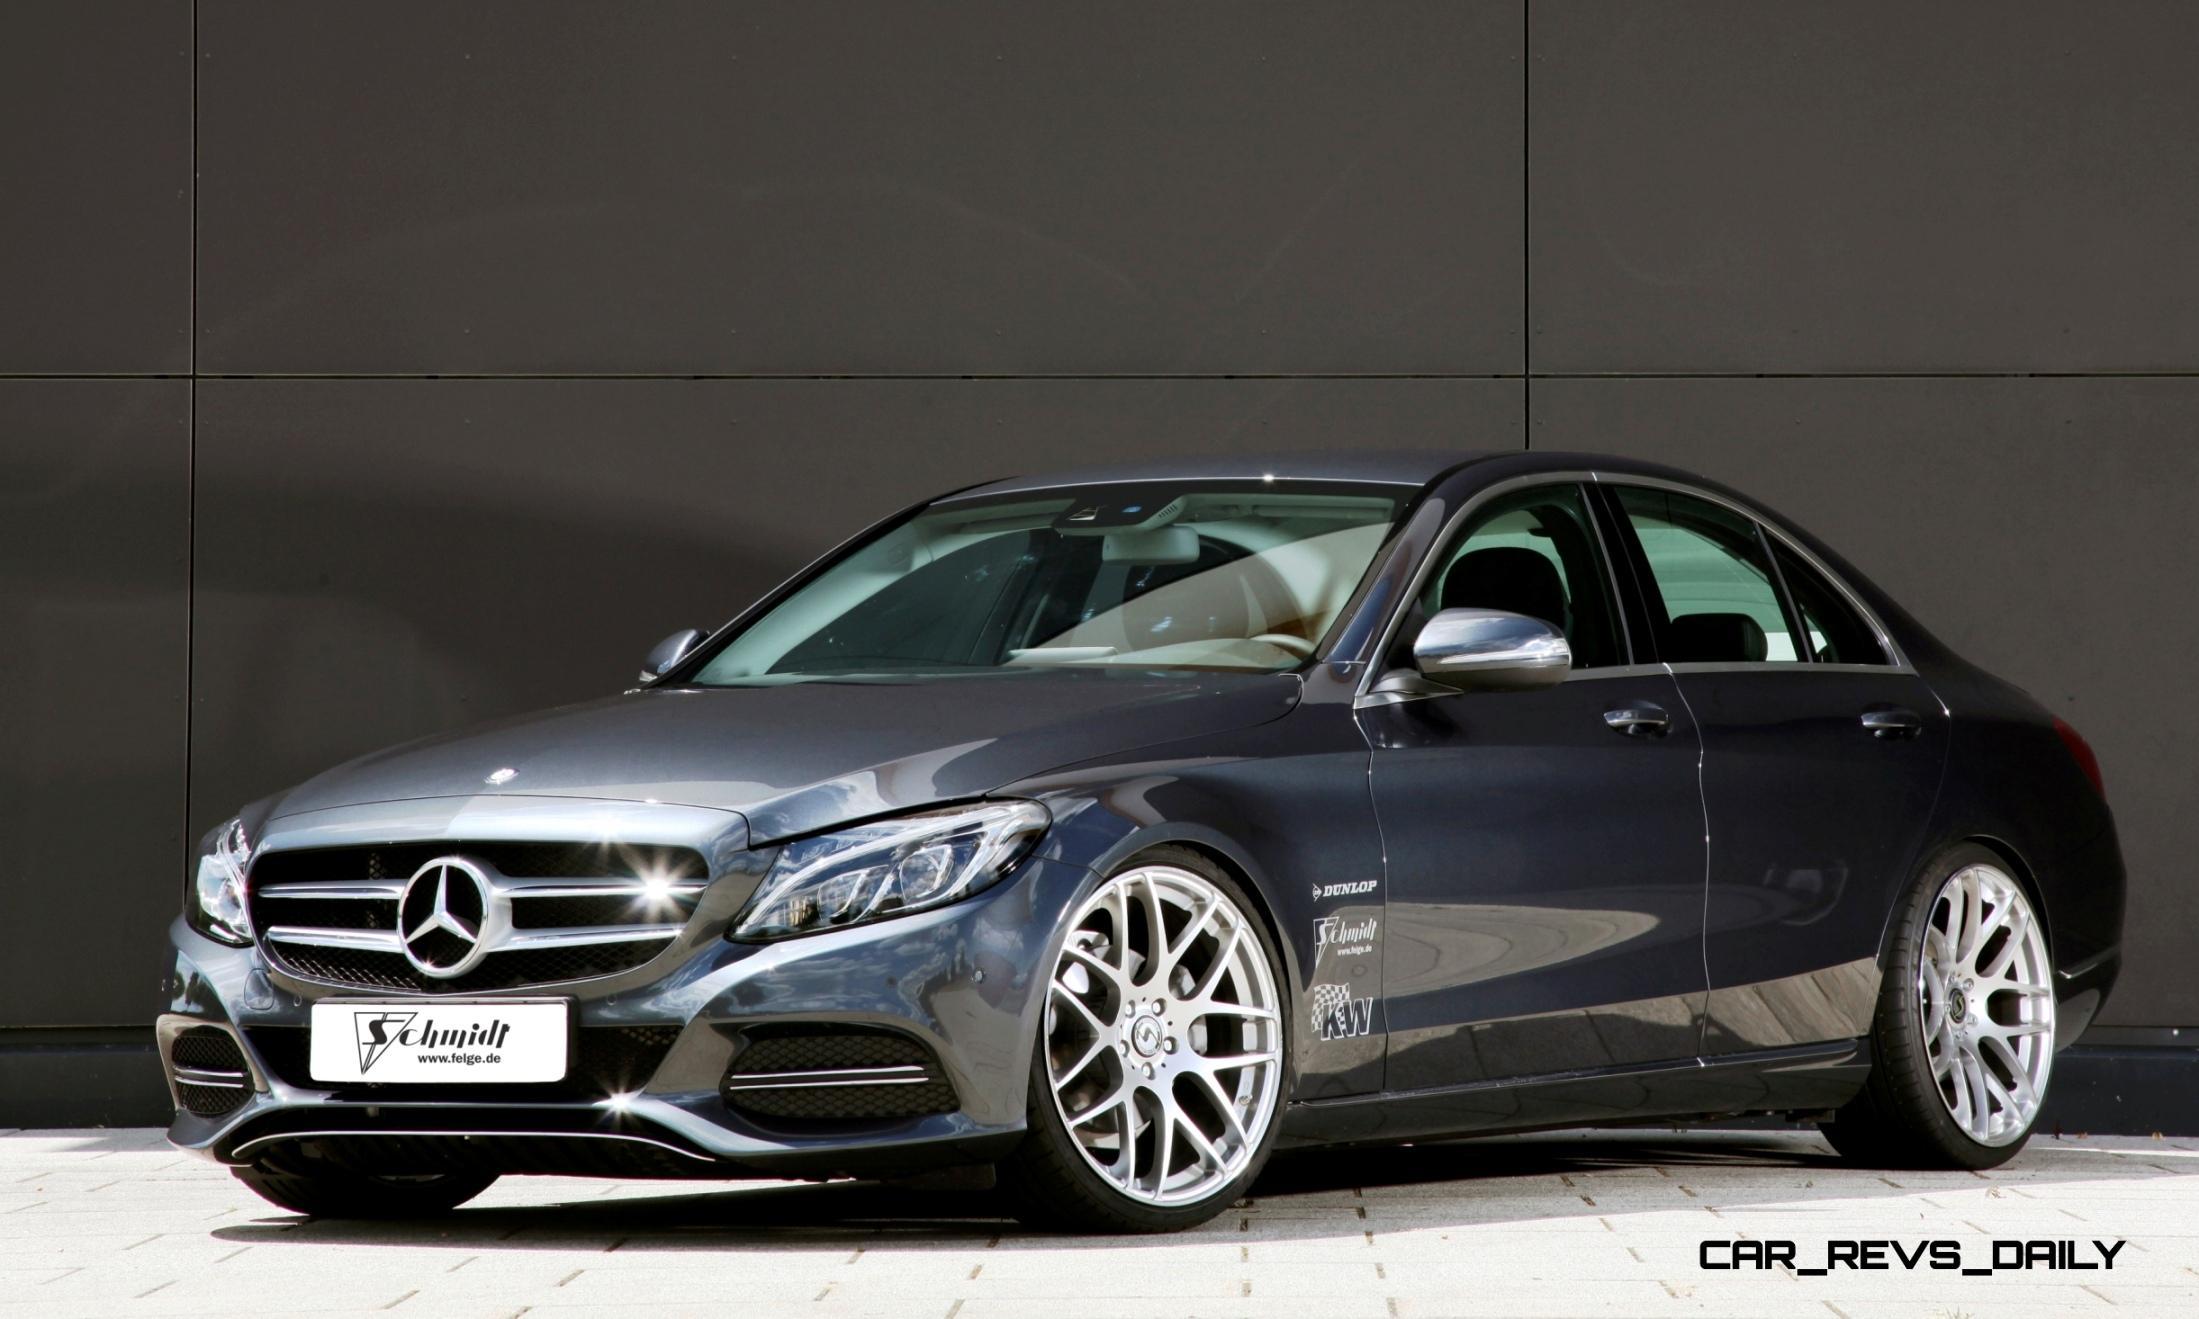 Volker schmidt 2015 mercedes benz c class is low and lean for Mercedes benz w205